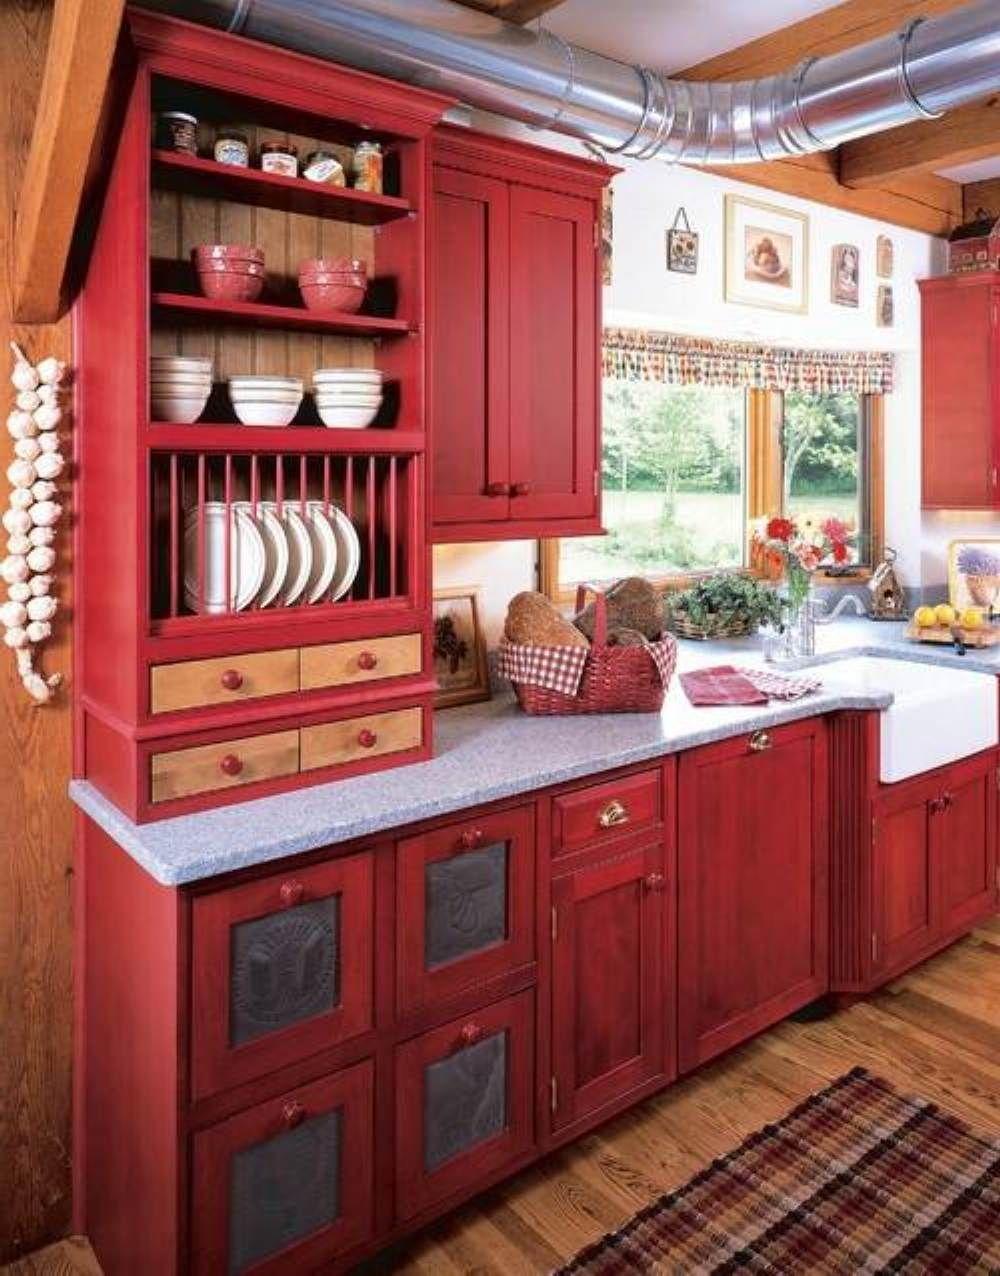 Bedårande kök konstverk